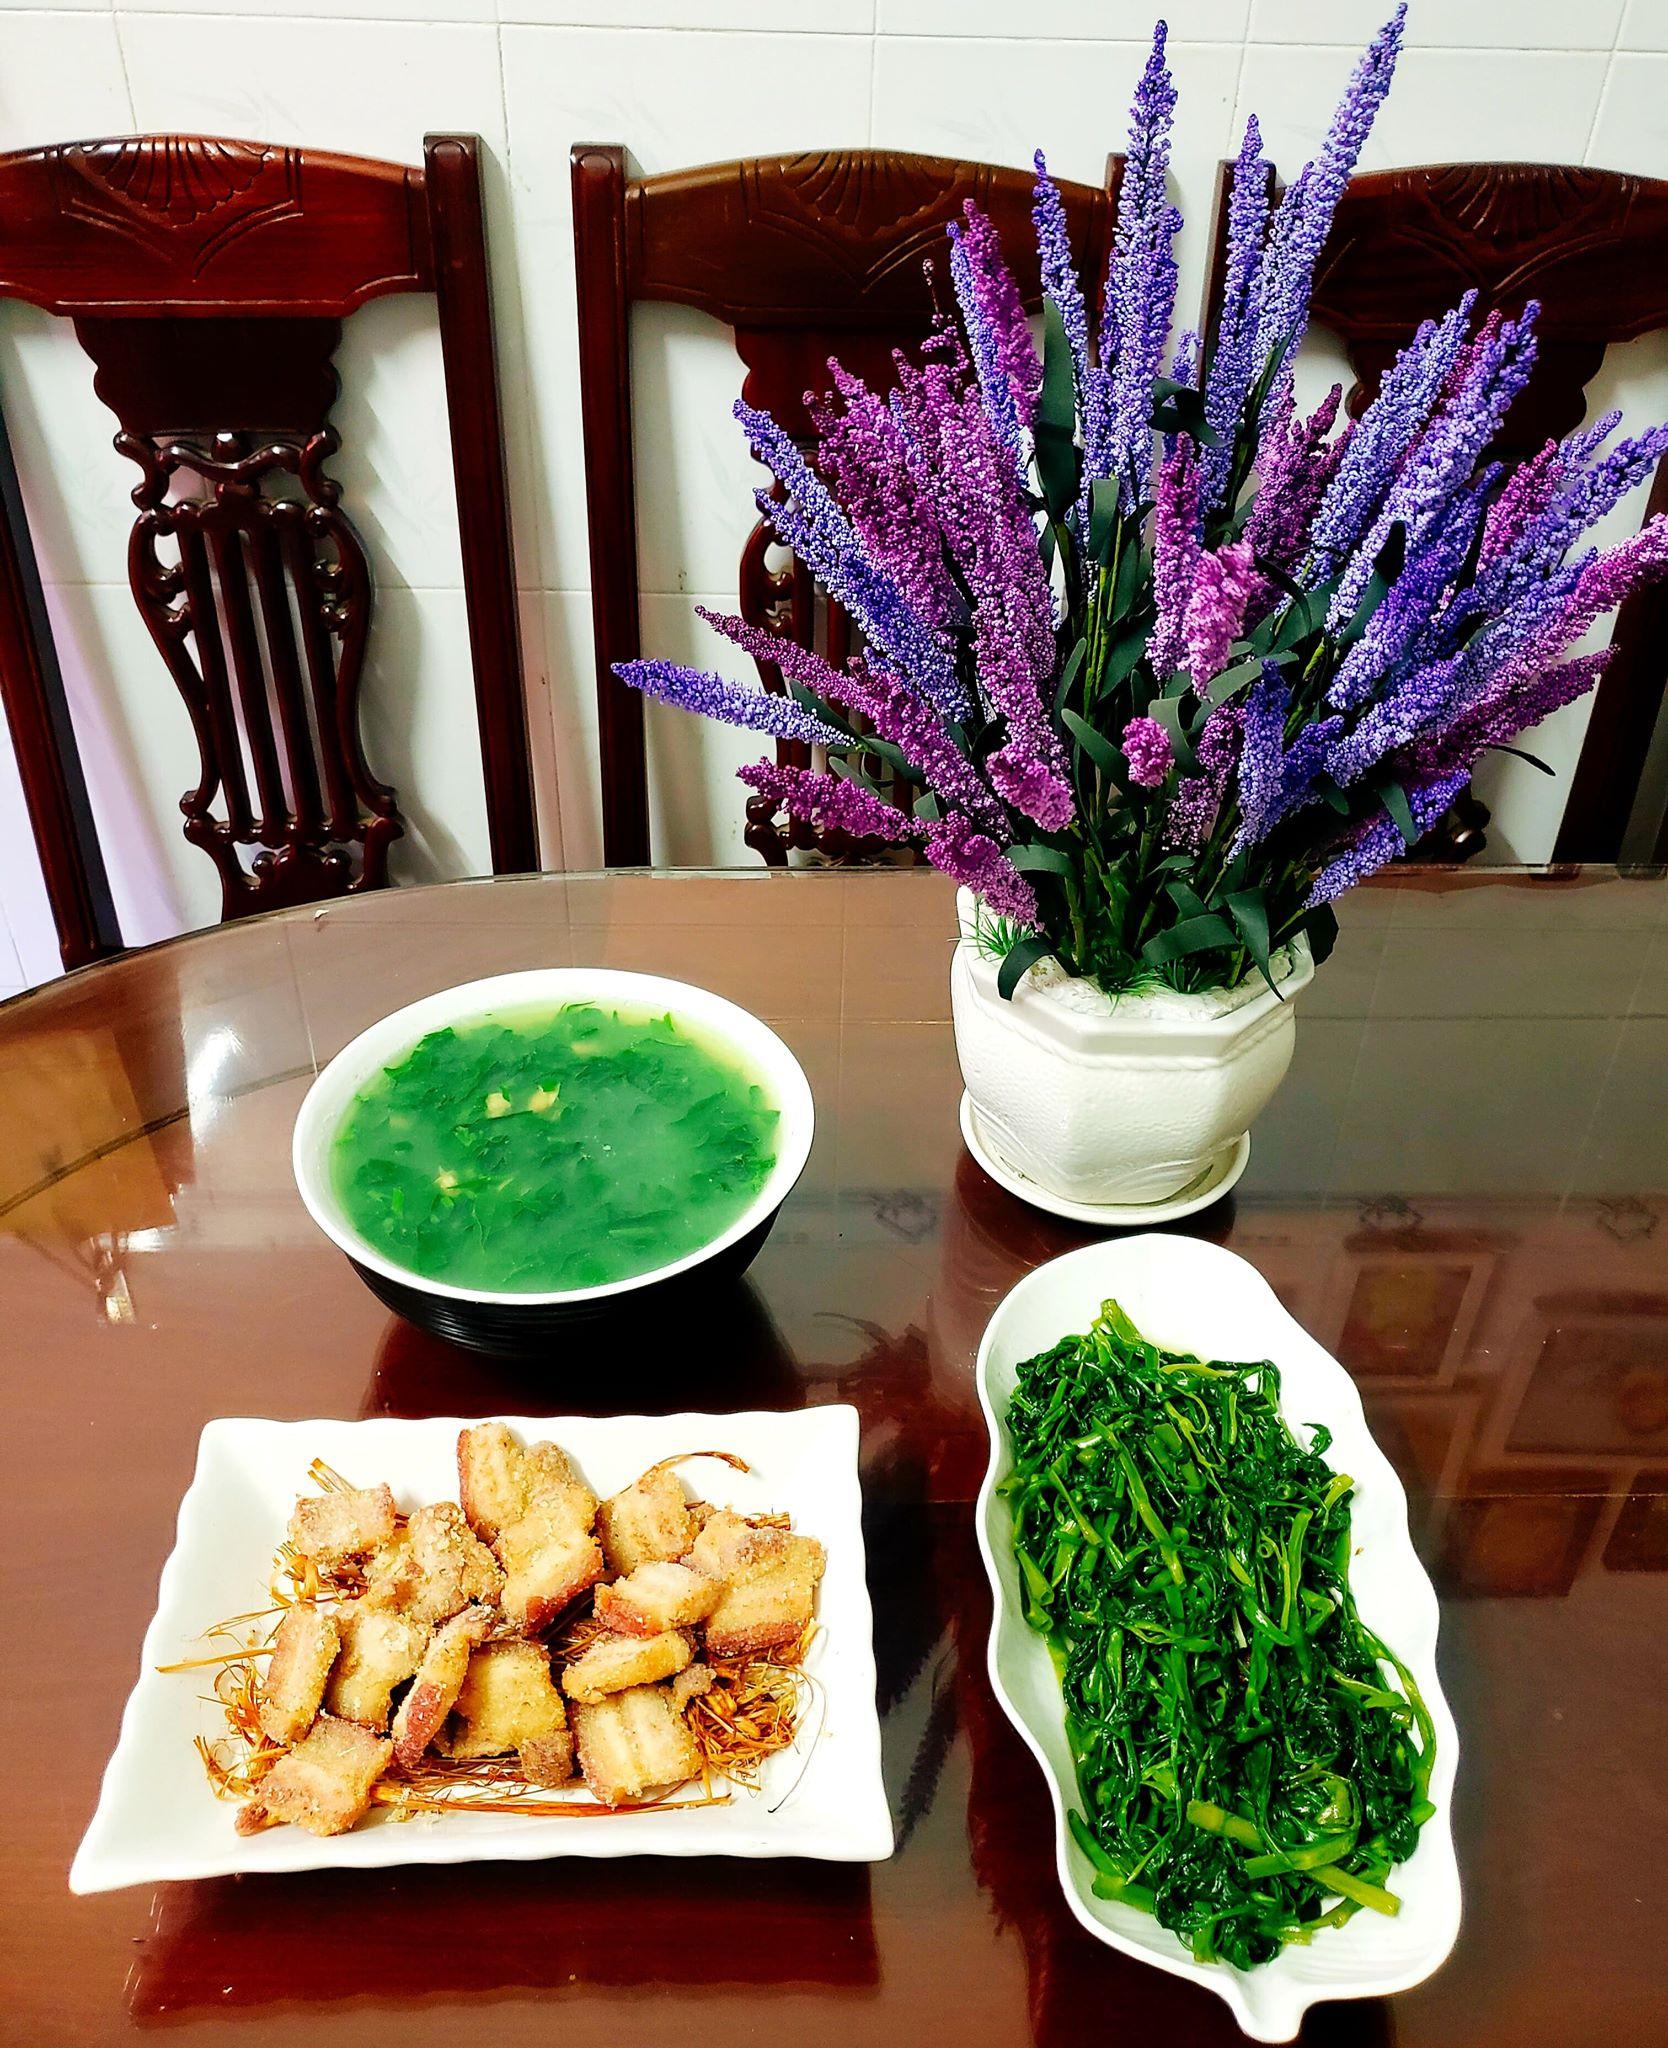 Chỉ từ 130k trở lên, bà nội trợ đảm Sài Gòn sắm sửa mỗi bữa cơm đều như đãi tiệc với các món bổ dưỡng, đẹp mắt cho gia đình 6 thành viên - Ảnh 10.